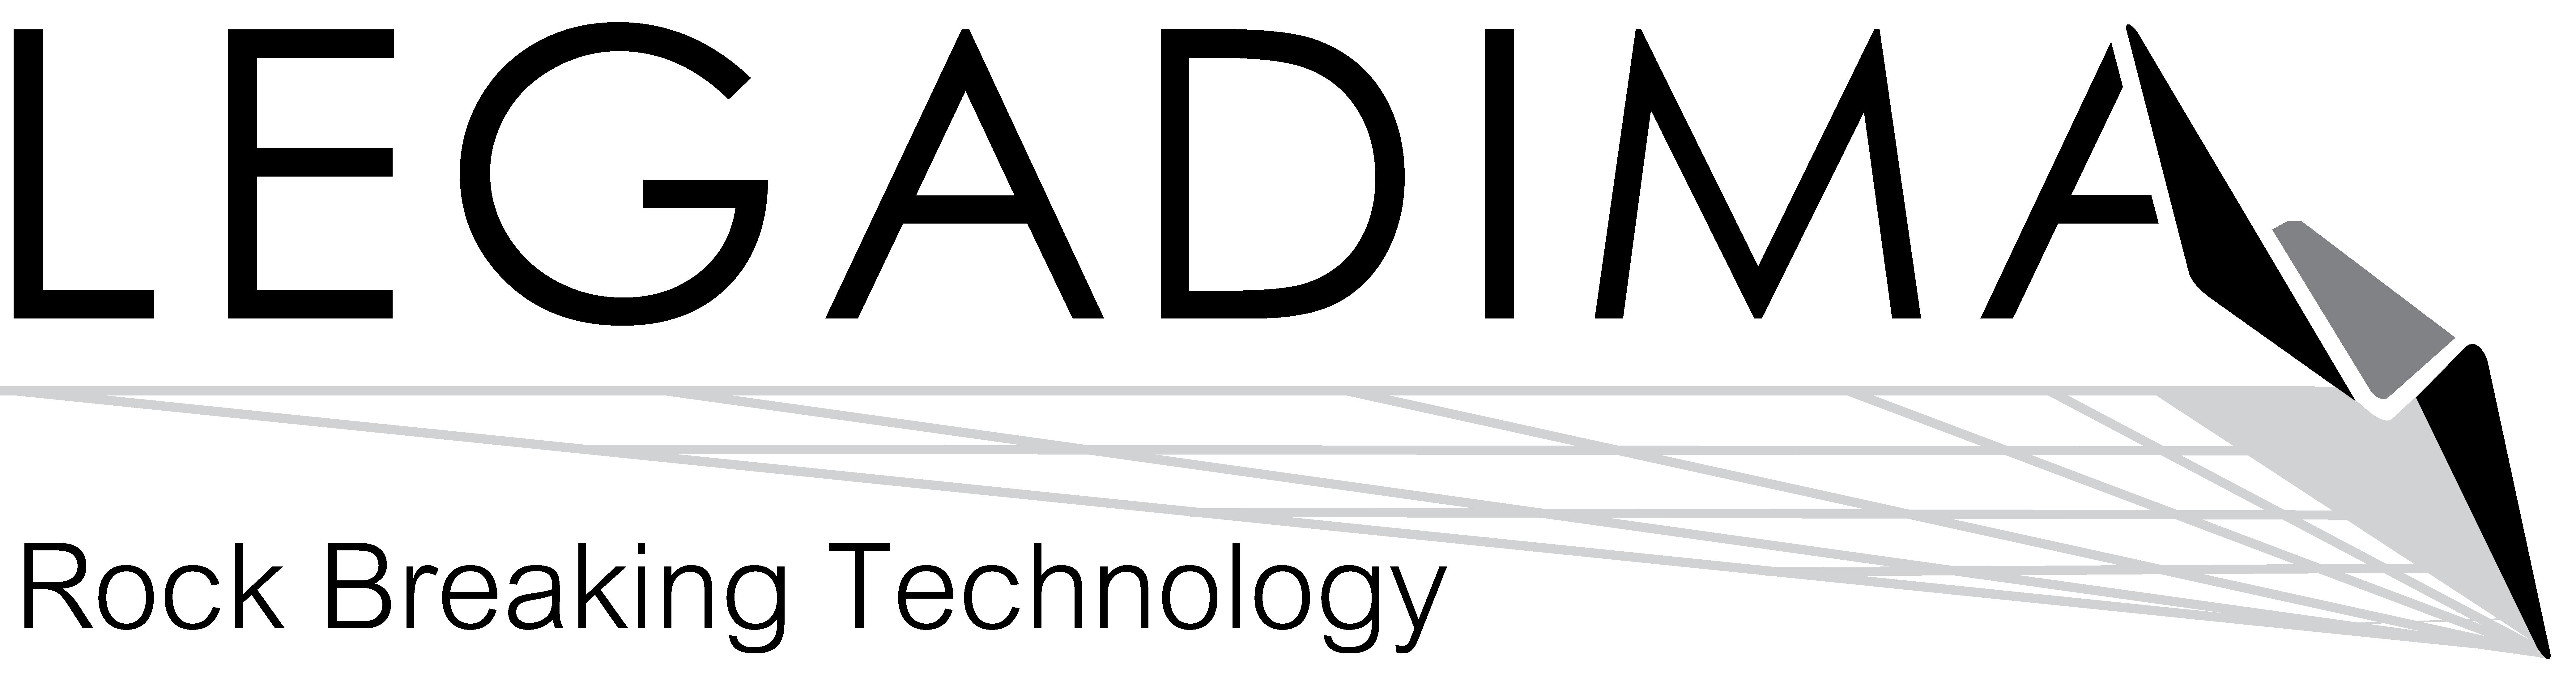 Peri Peri creative - Legadima RBT - logo ou